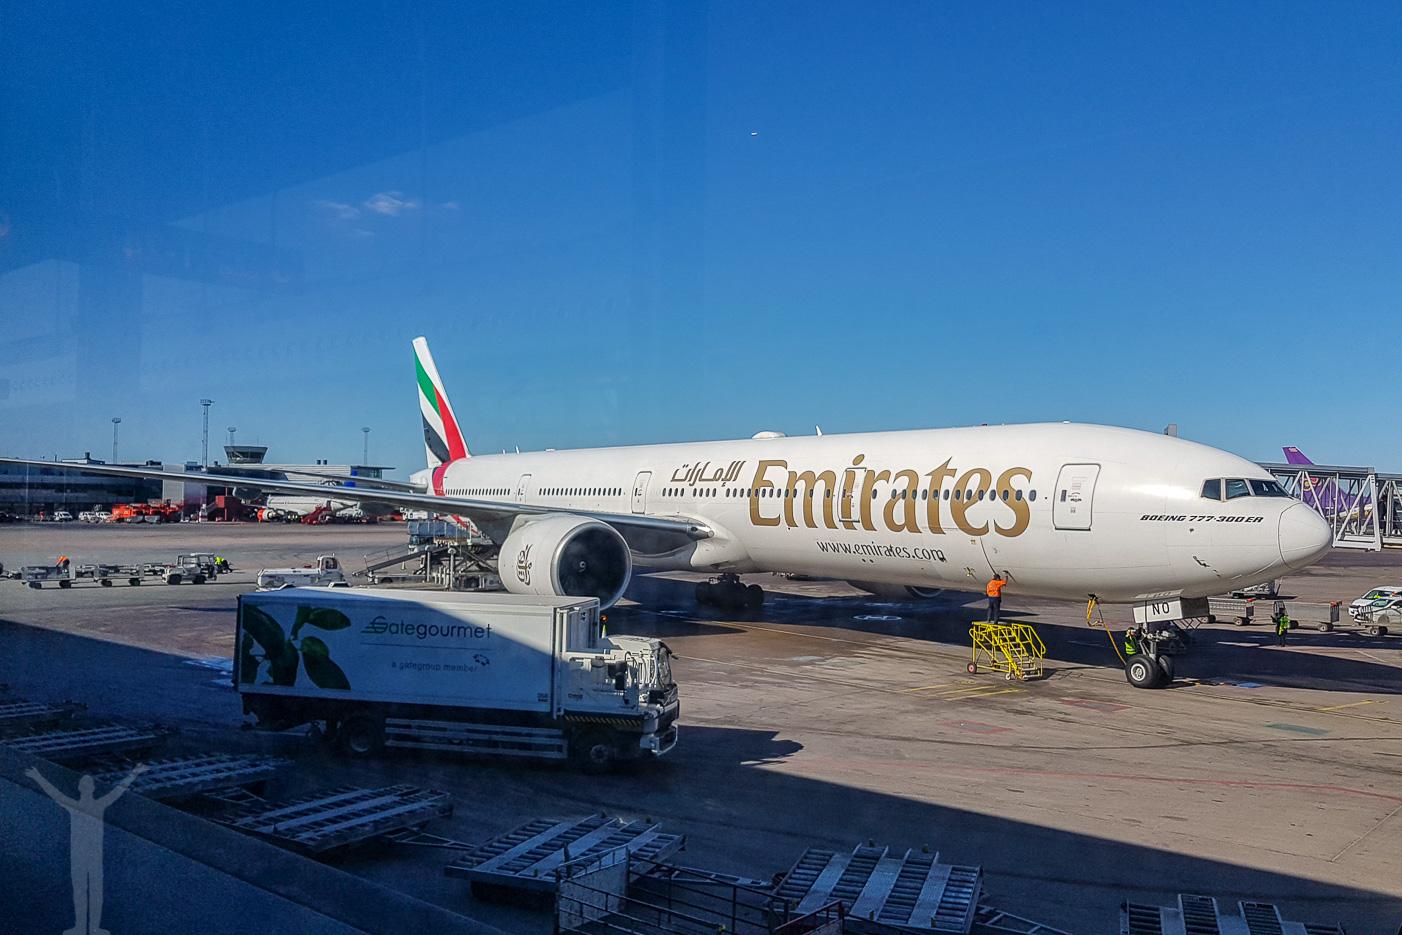 Emirates till Dubai i en Boeing 777-300ER - A6-ENO